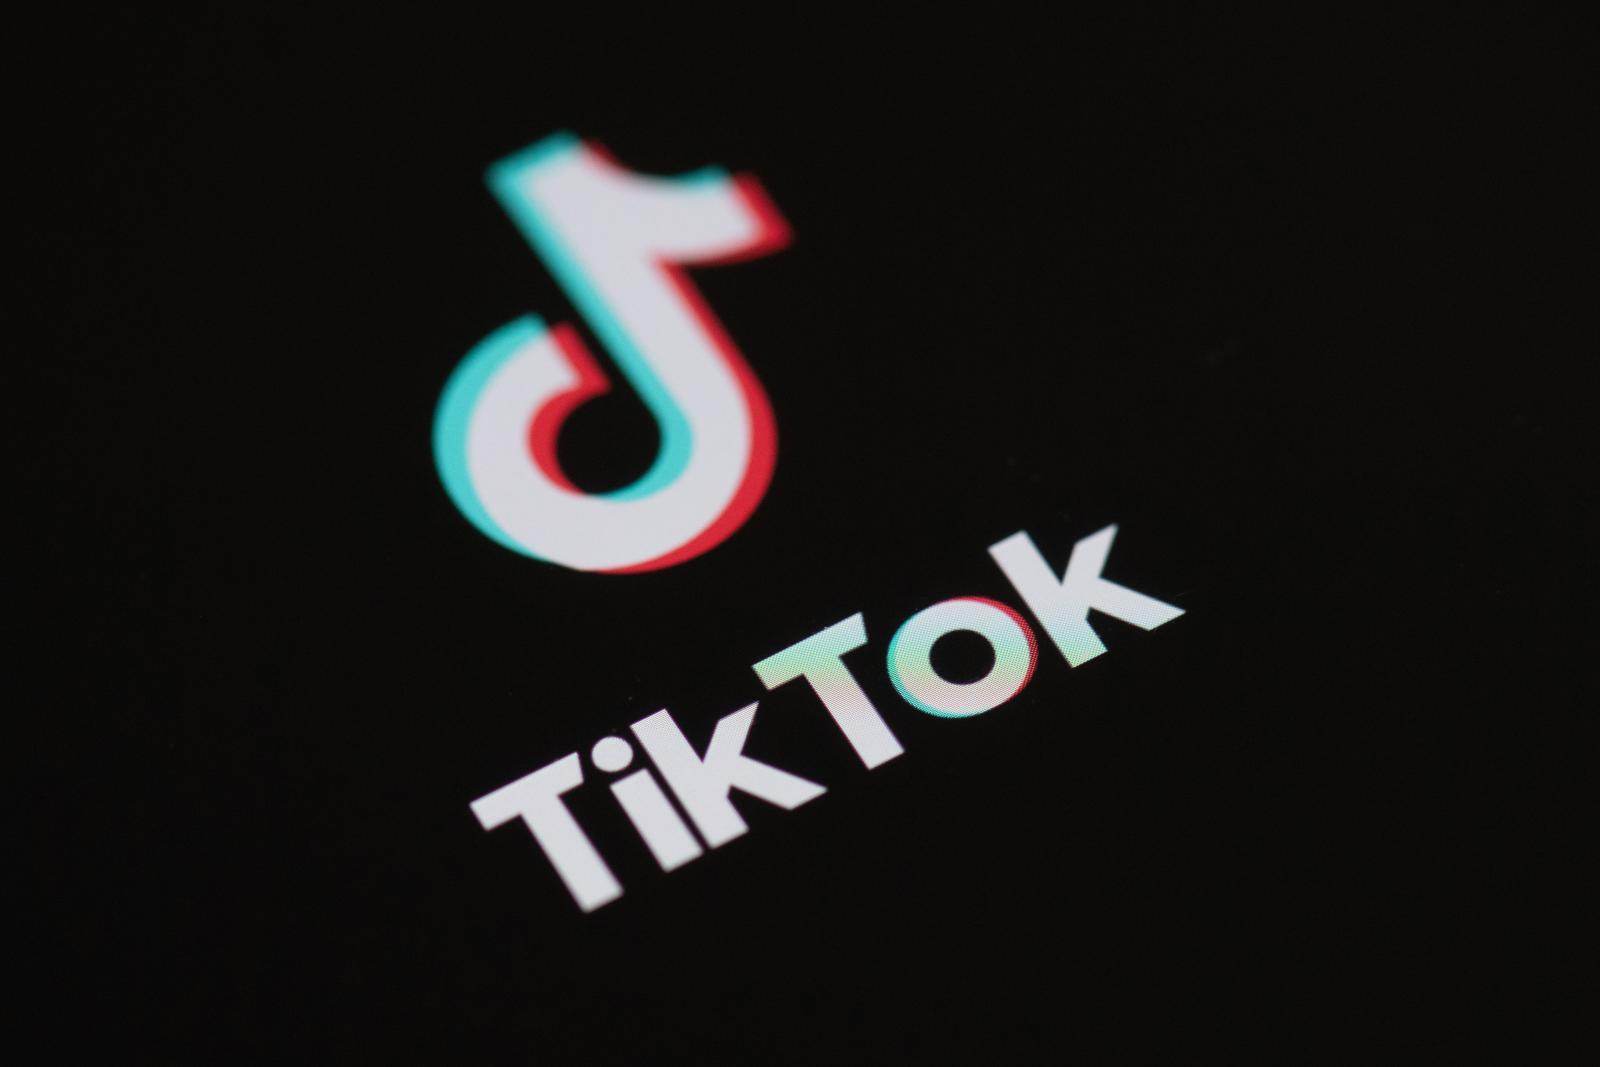 """บ.แม่ """"TikTok"""" ทุ่มจ่ายโบนัส ปลอบขวัญพนักงาน 6 หมื่นคน"""